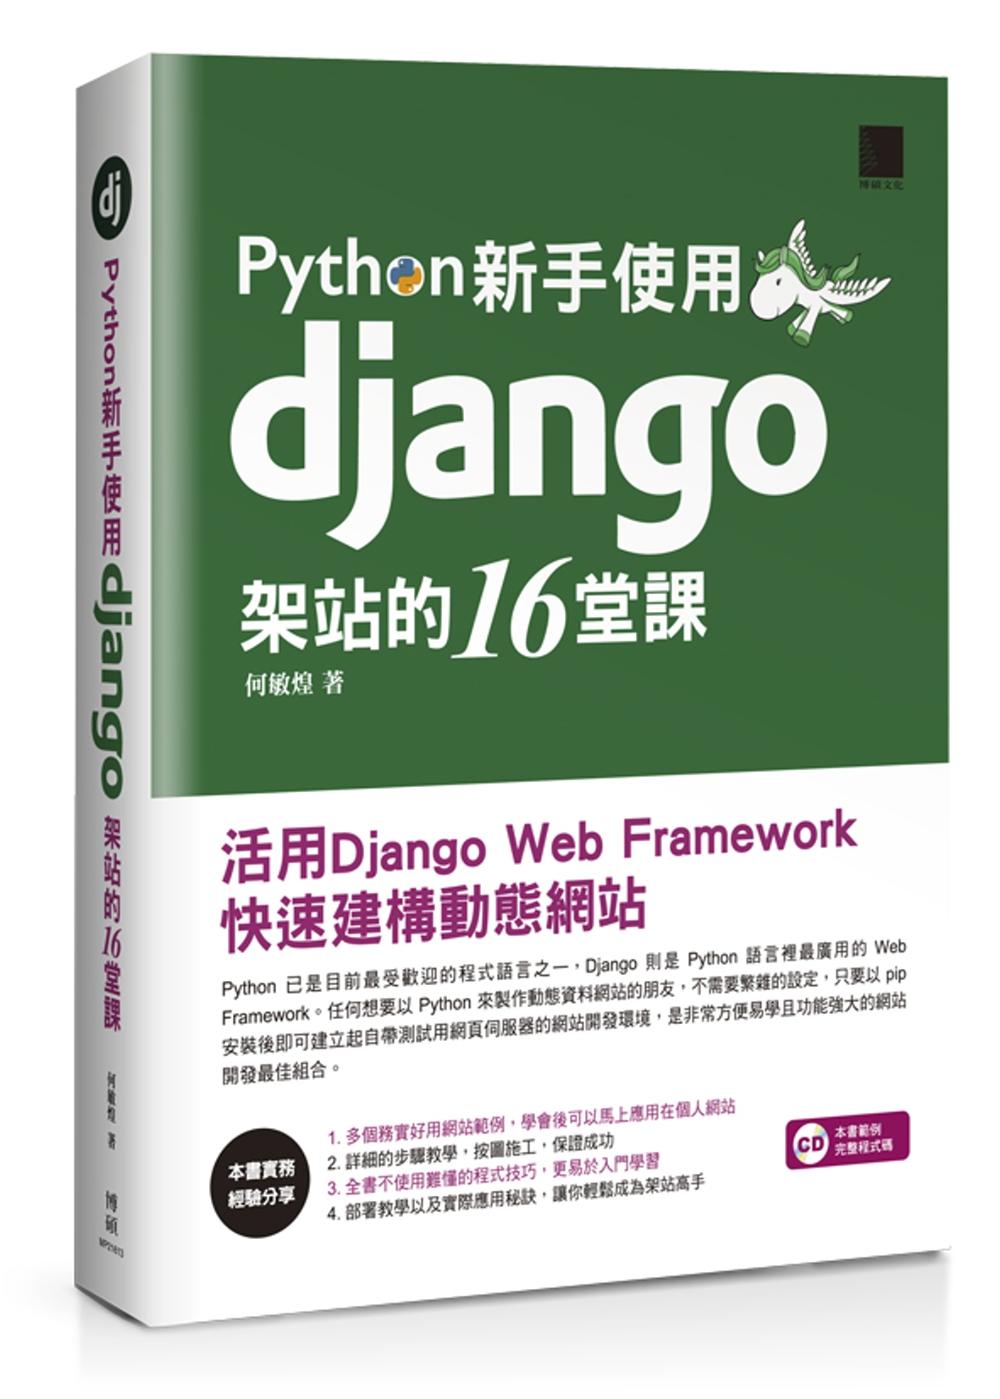 Python新手 Django架站的16堂課:活用Django Web Framework 建構動態網站